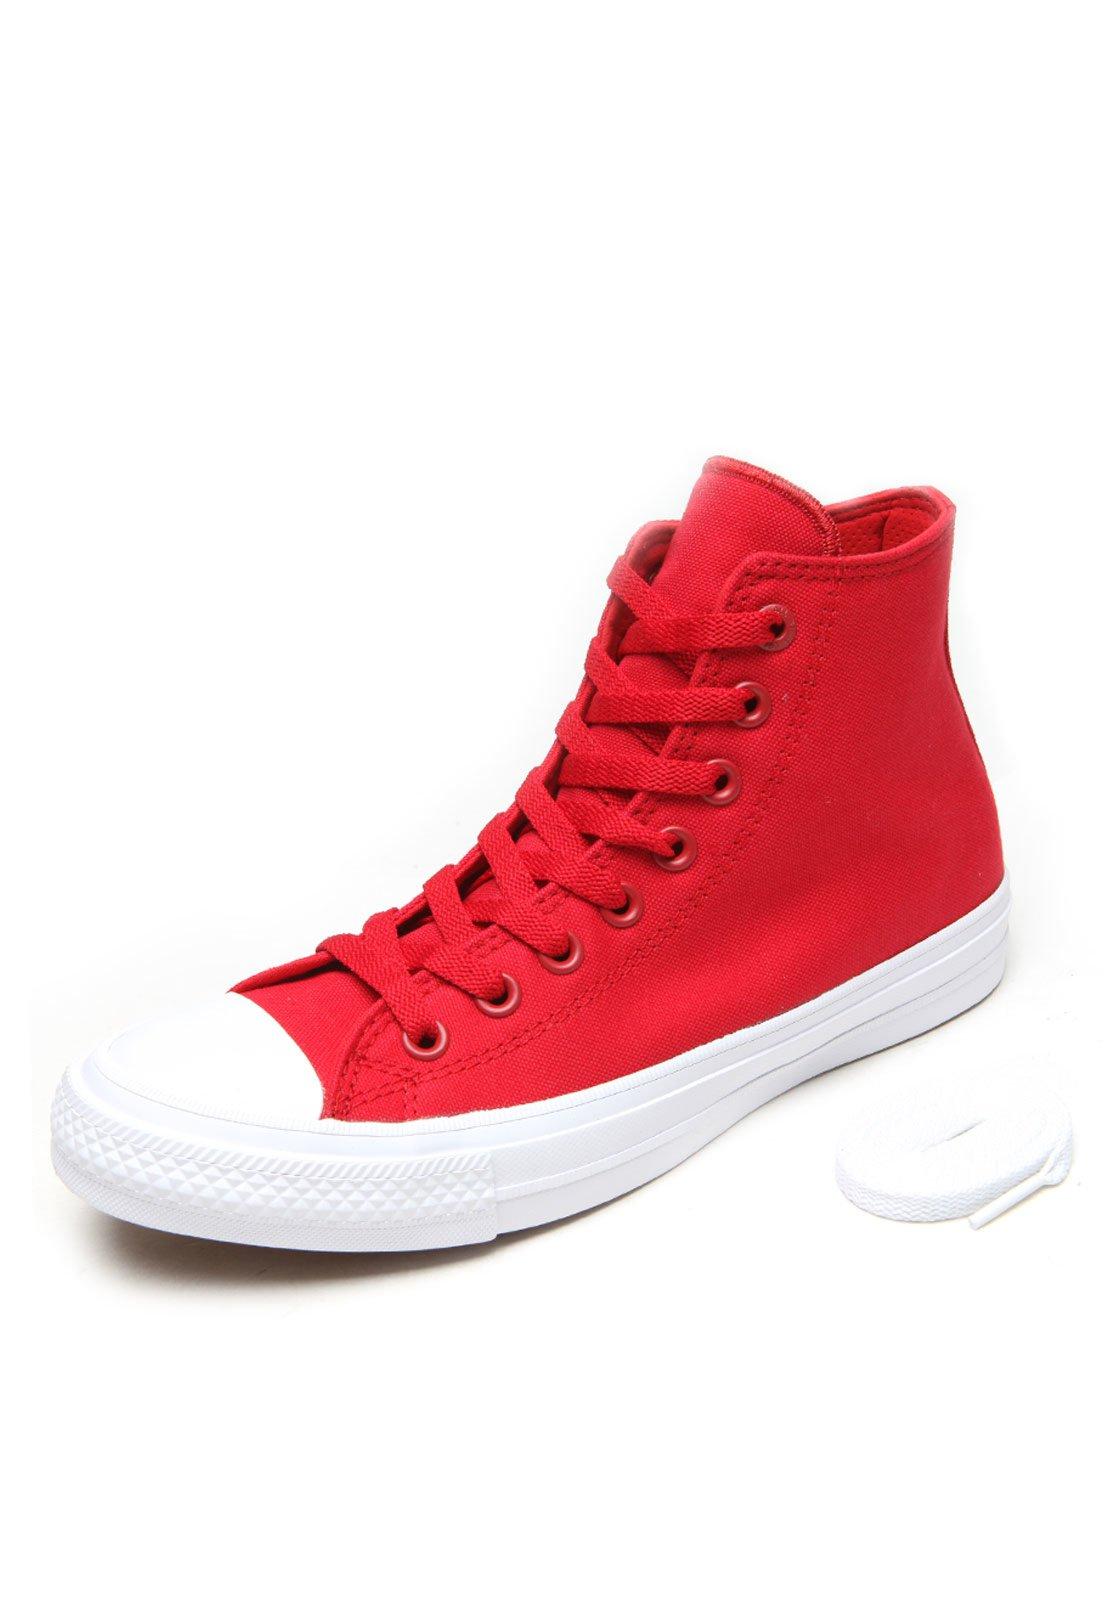 18373ba70e Tênis Converse Chuck Taylor All Star II Hi Cano Alto Vermelho - Compre  Agora